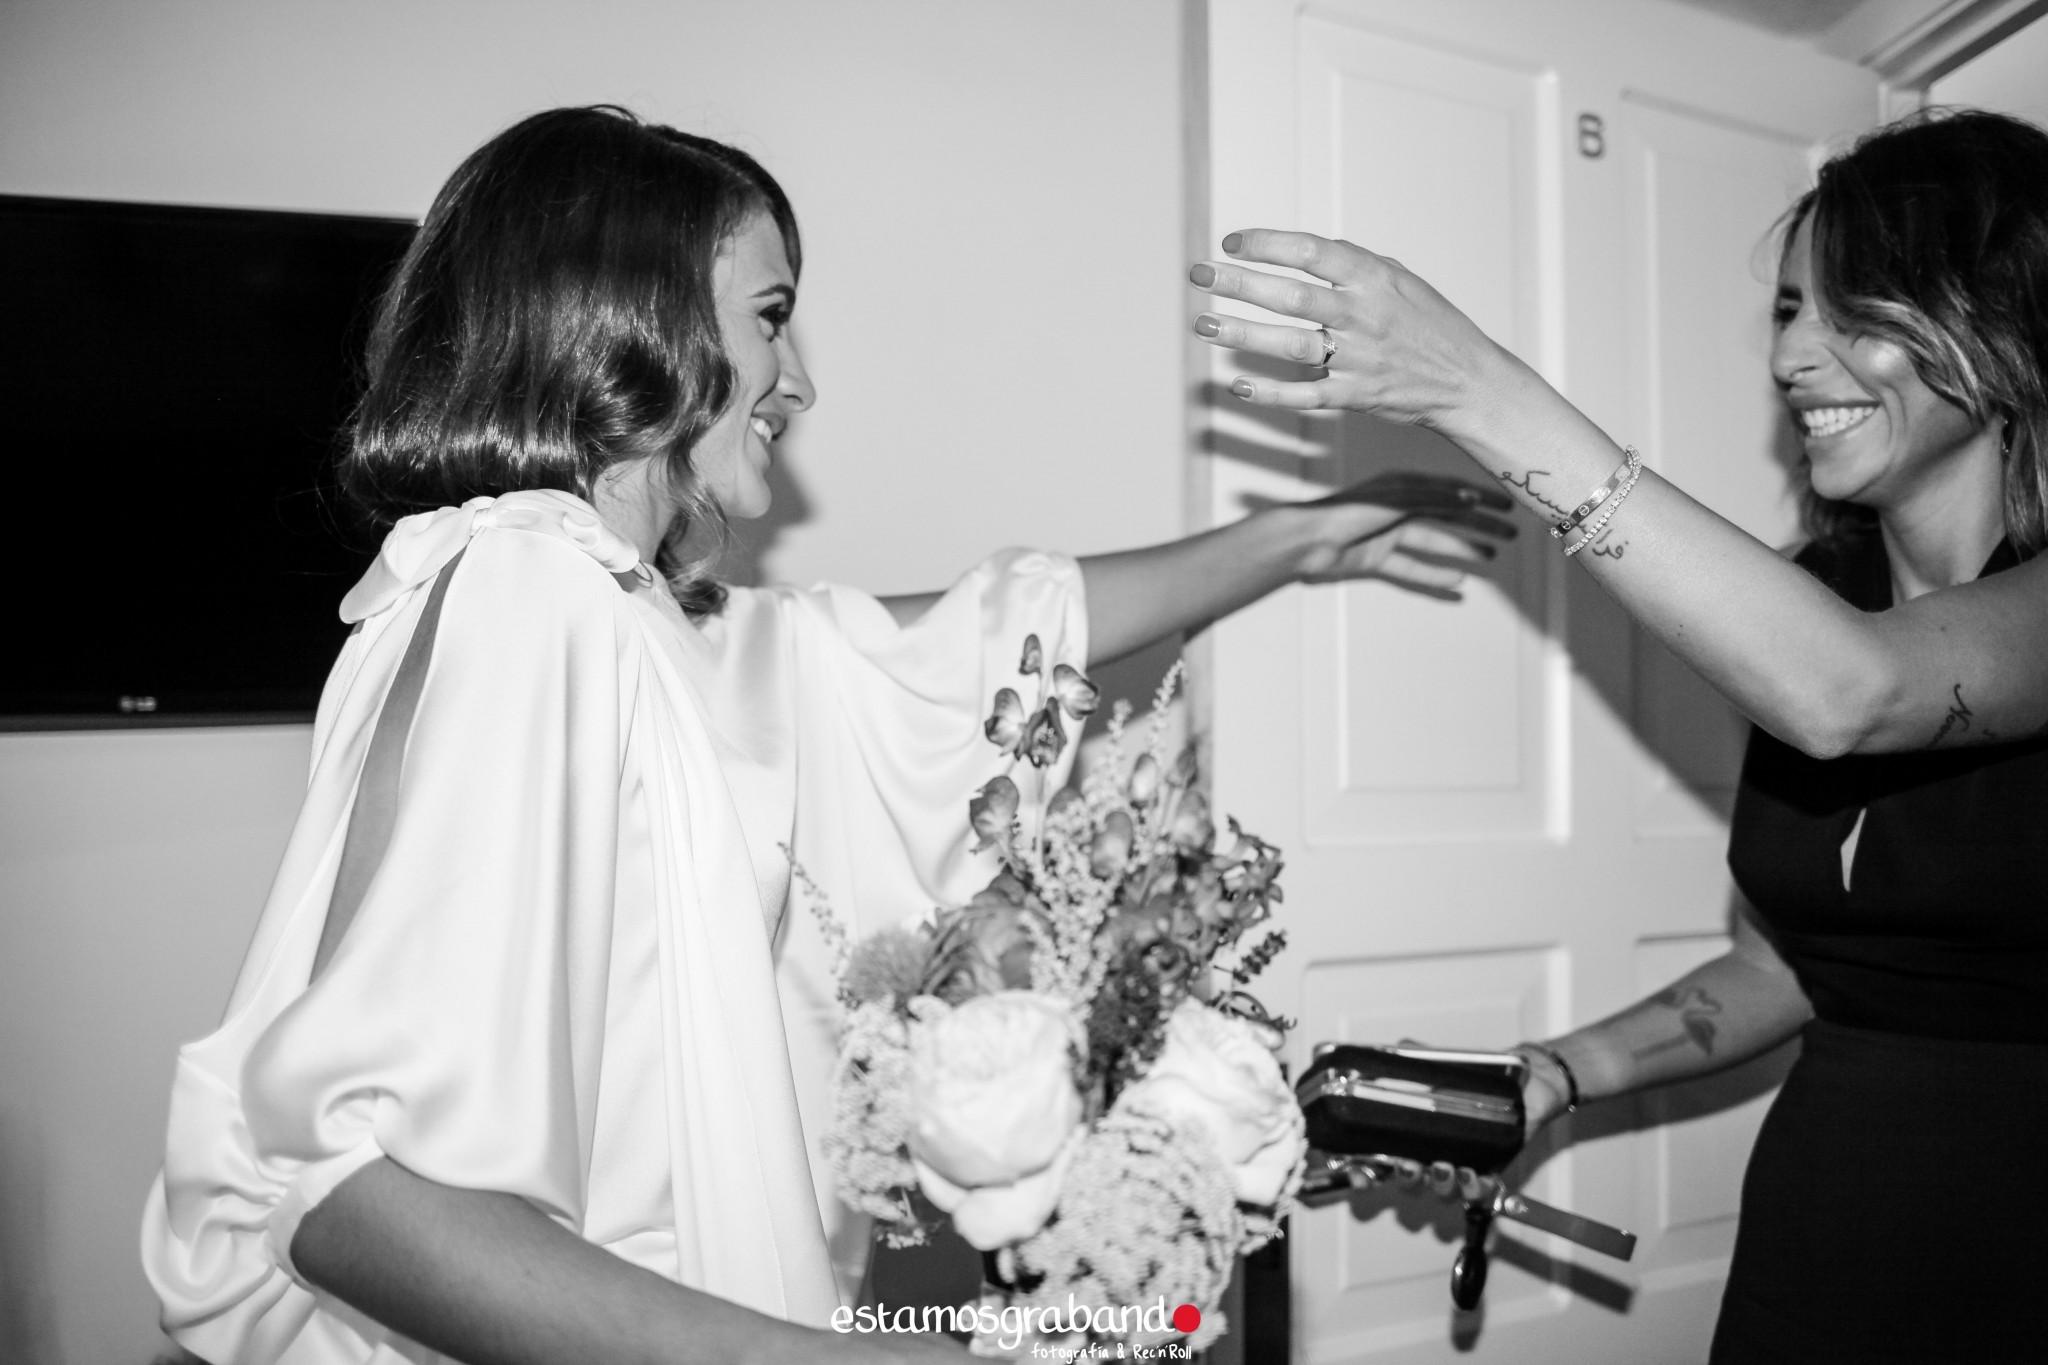 Miguel-Ana-12 Los invitados de Ana & Miguel [Fotografía de Boda_Viña La Carreña, Jerez] - video boda cadiz